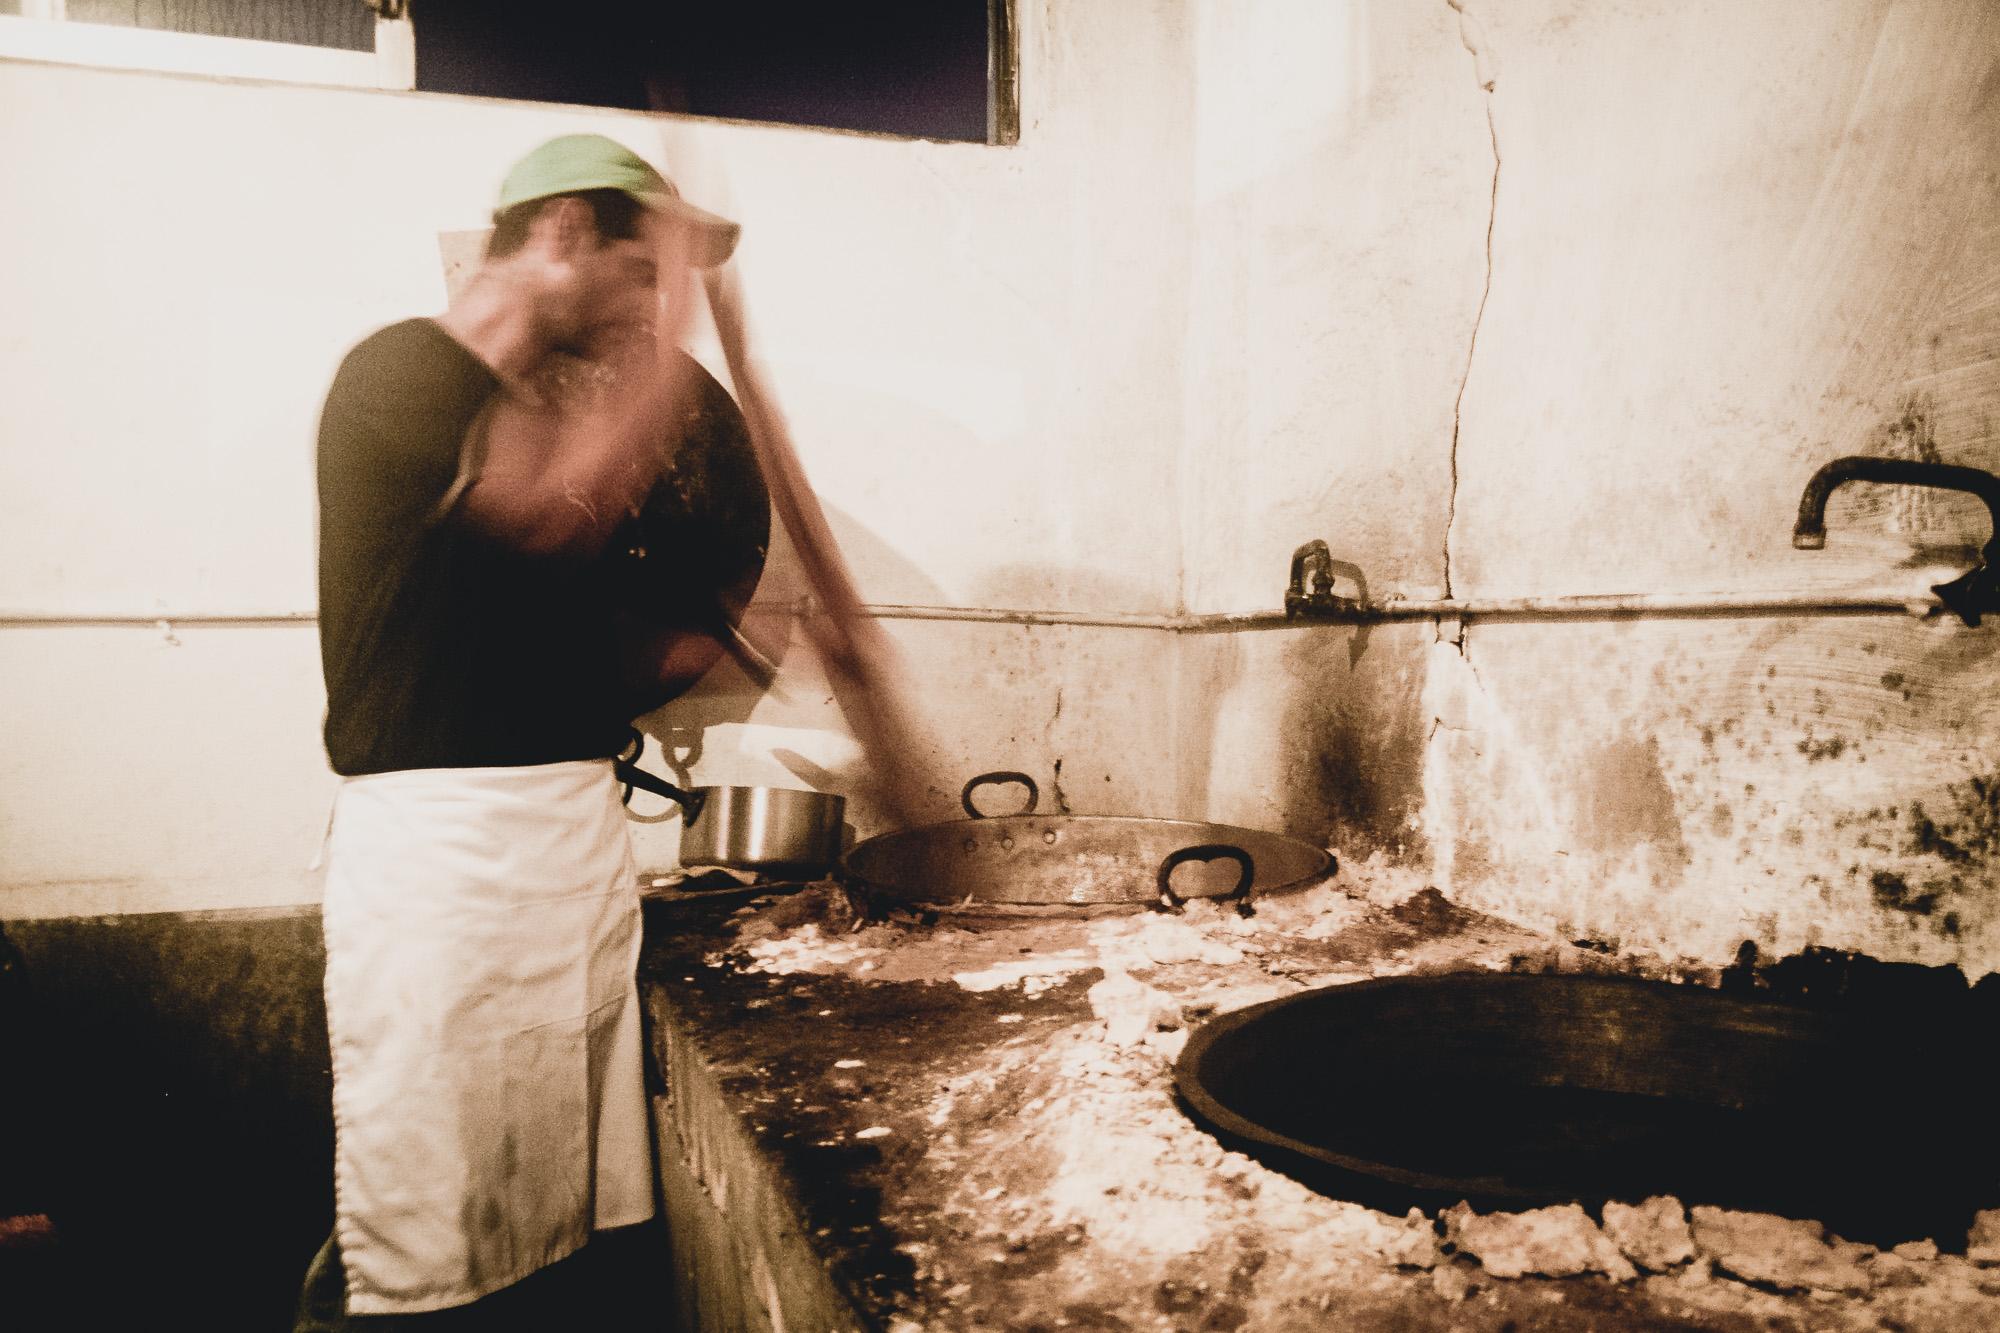 Τι να φας - Η κασιώτικη κουζίνα είναι ένα μοναδικό αποτέλεσμα μιας σύνθεσης επιρροών από την Ανατολή και τη Δύση, παρουσιάζοντας μια μεγάλη ποικιλία φαγητών που ξεπερνά κατά πολύ το μέγεθος του μικρού και άγονου αυτού βράχου...